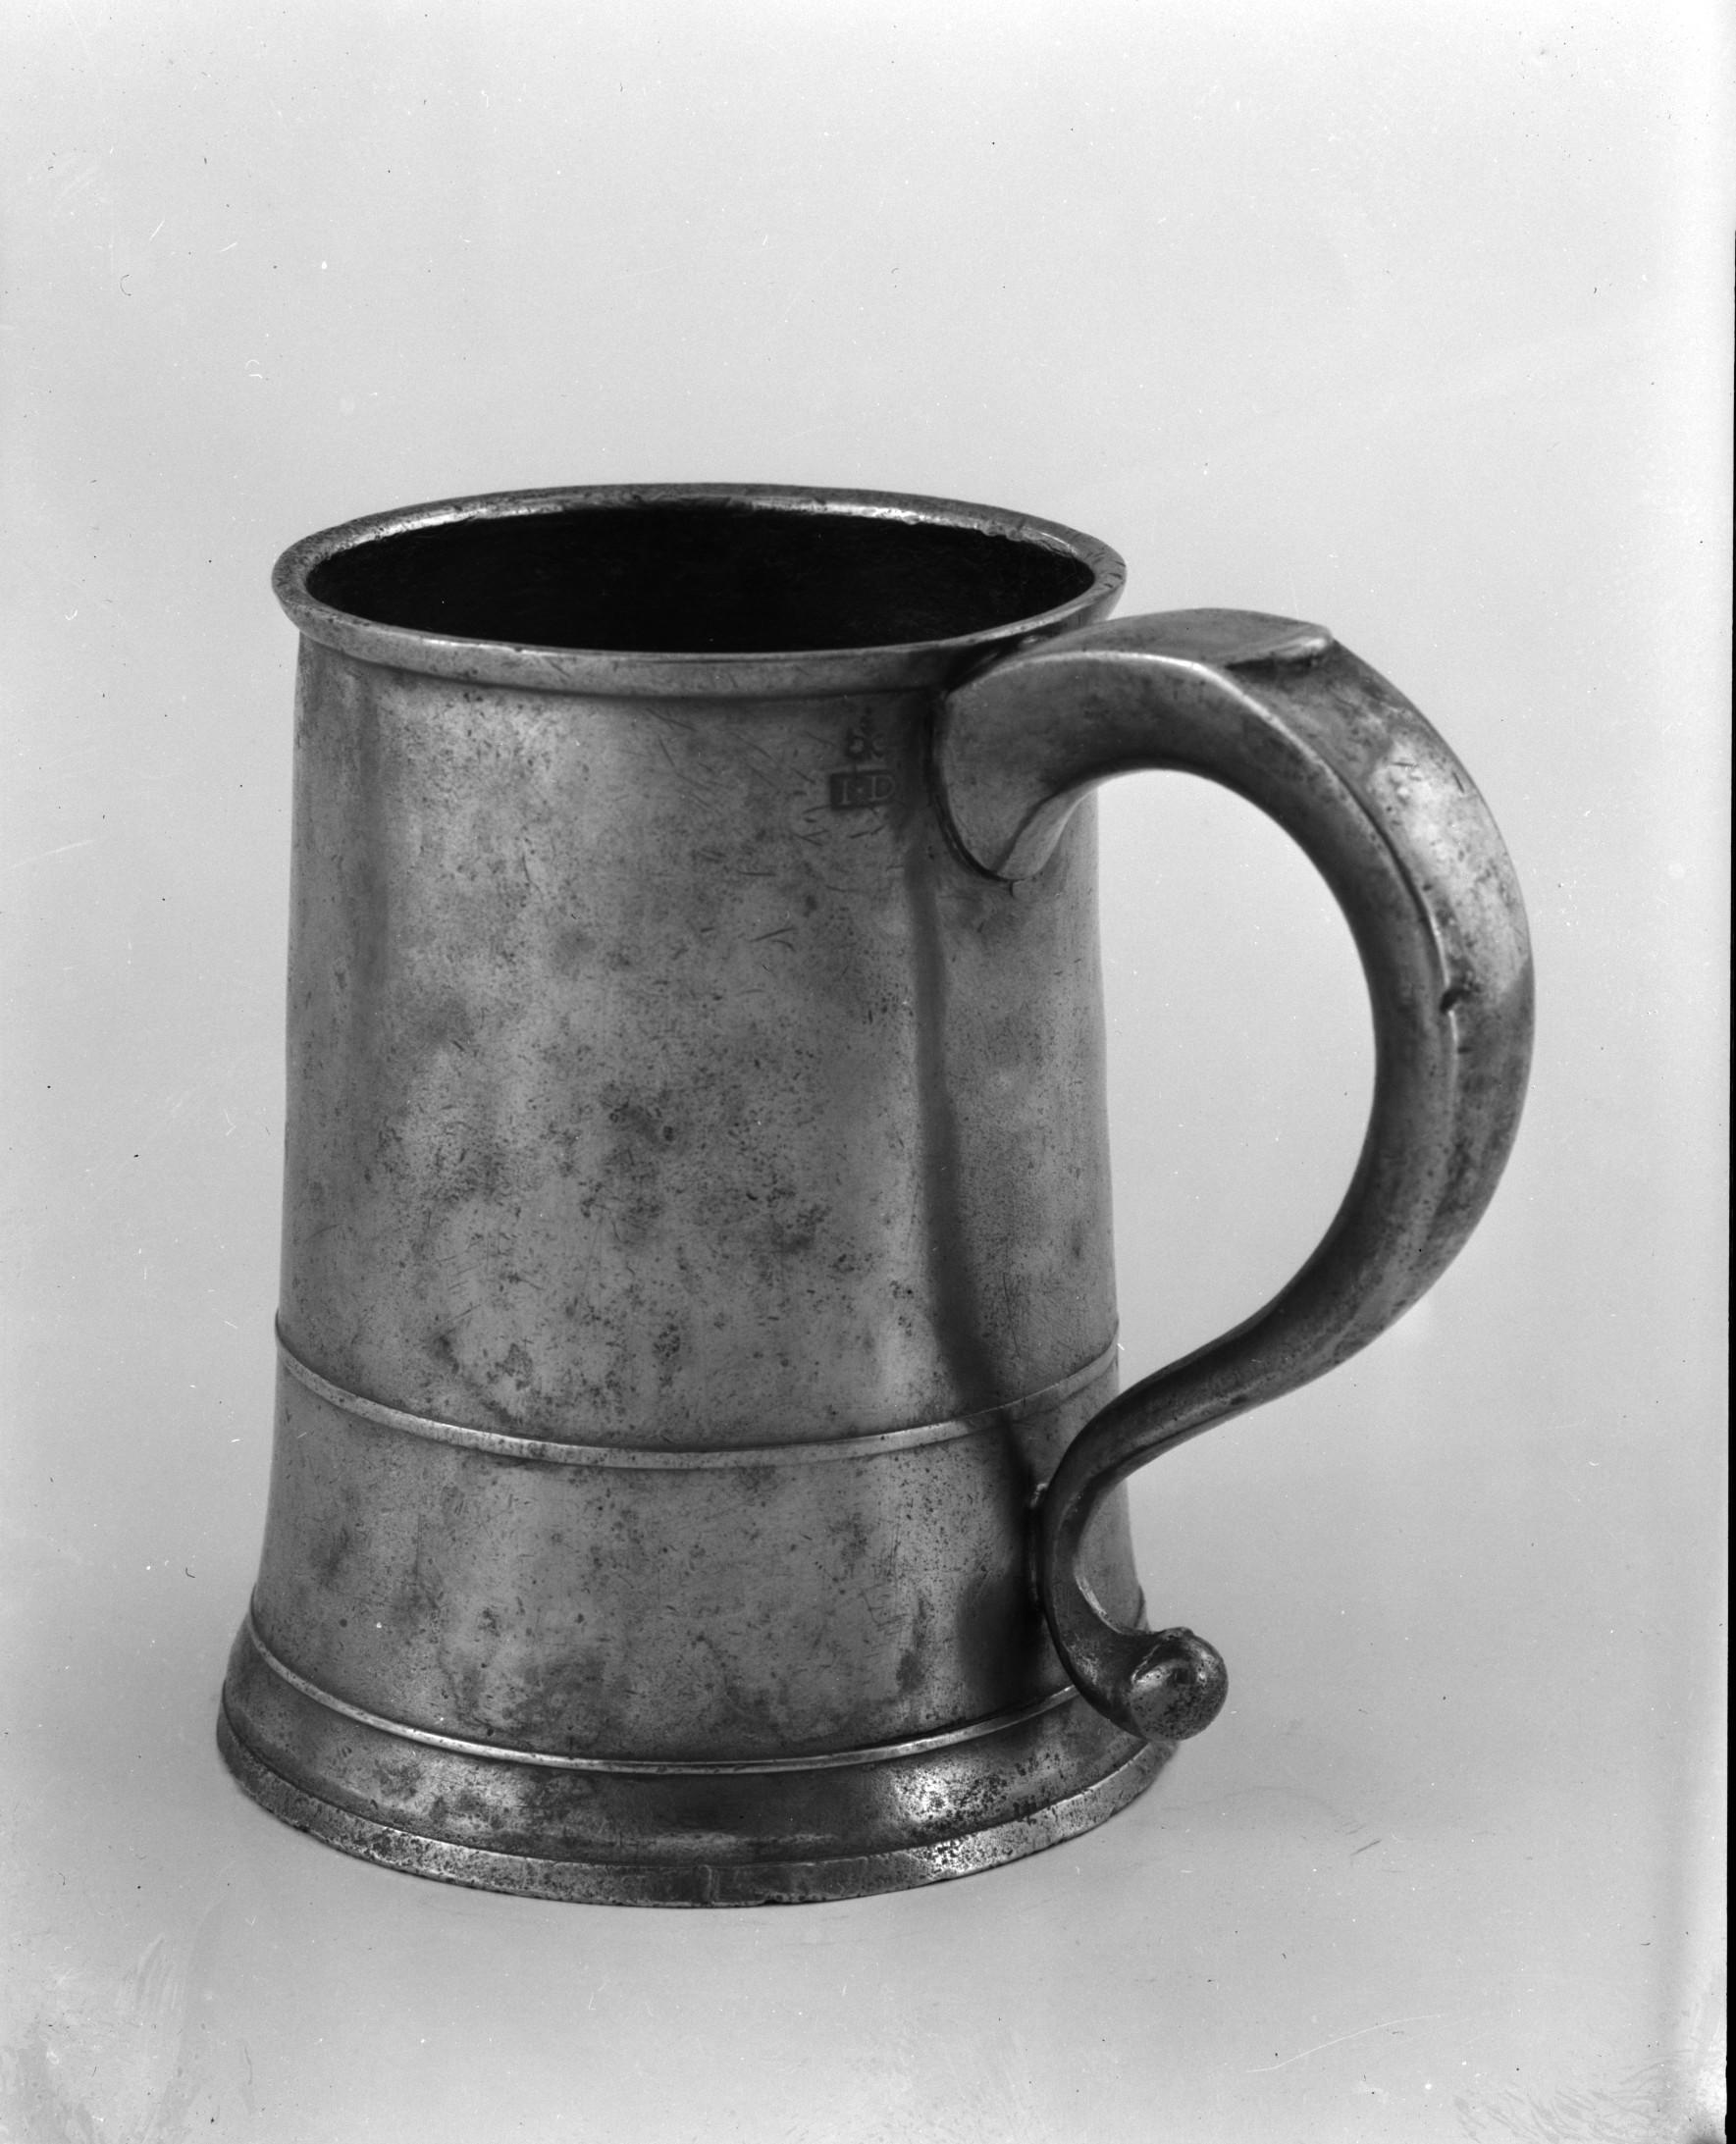 File:Quart Mug MET 132005.jpg